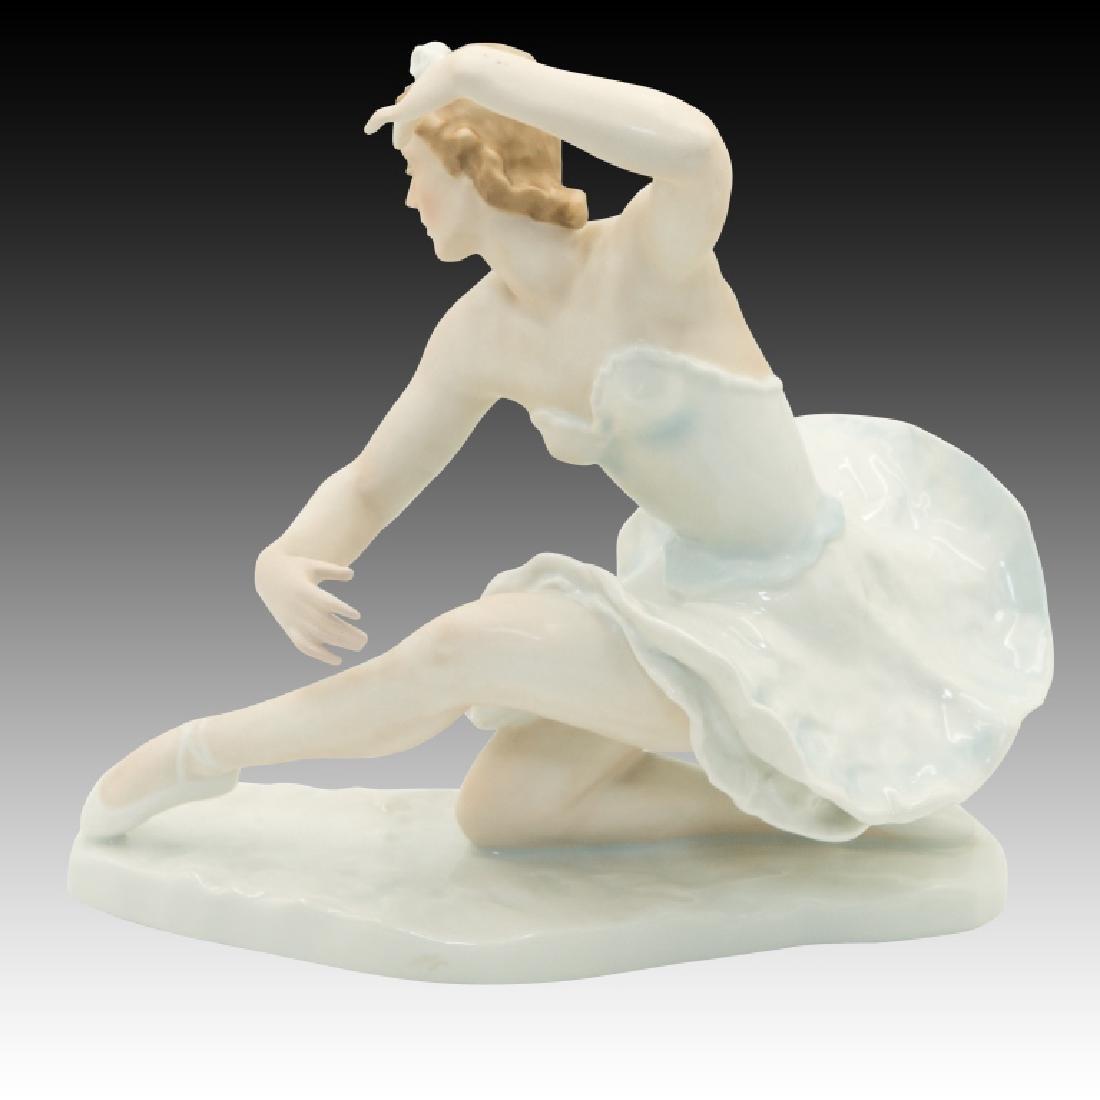 Rosenthal Ballerina Figure Kneeling with Hands Up - 3